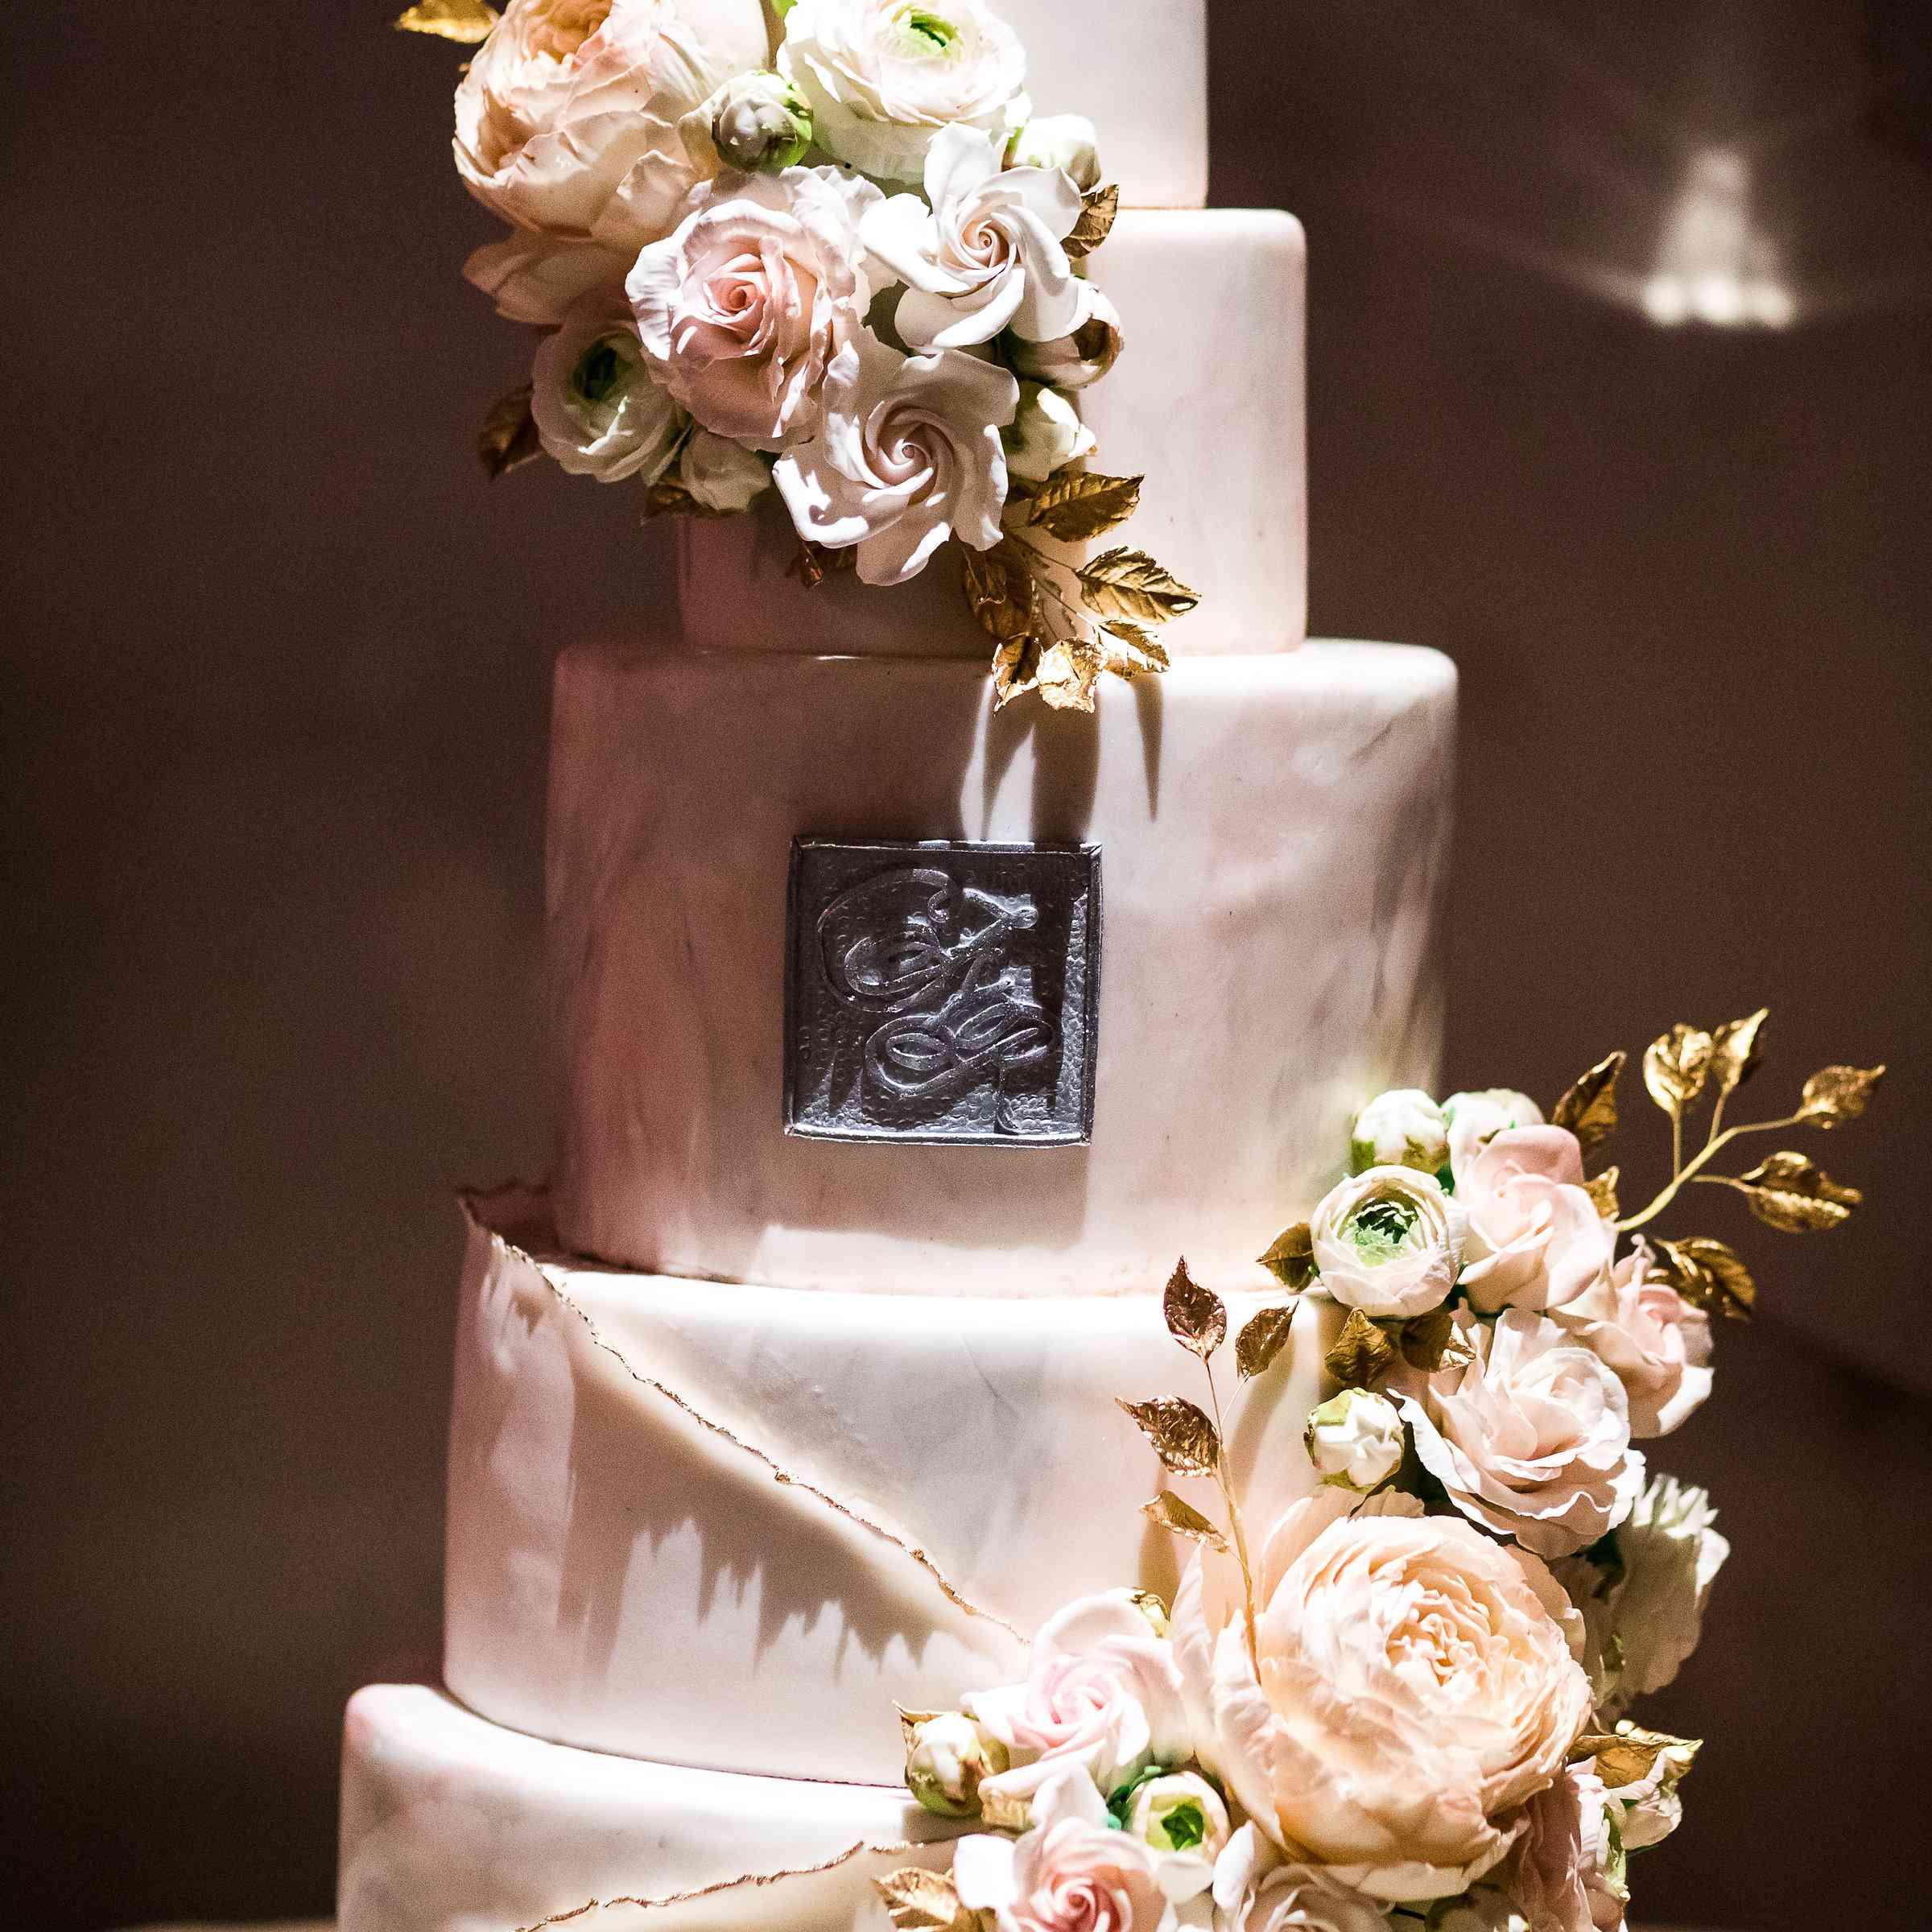 five-tier wedding cake